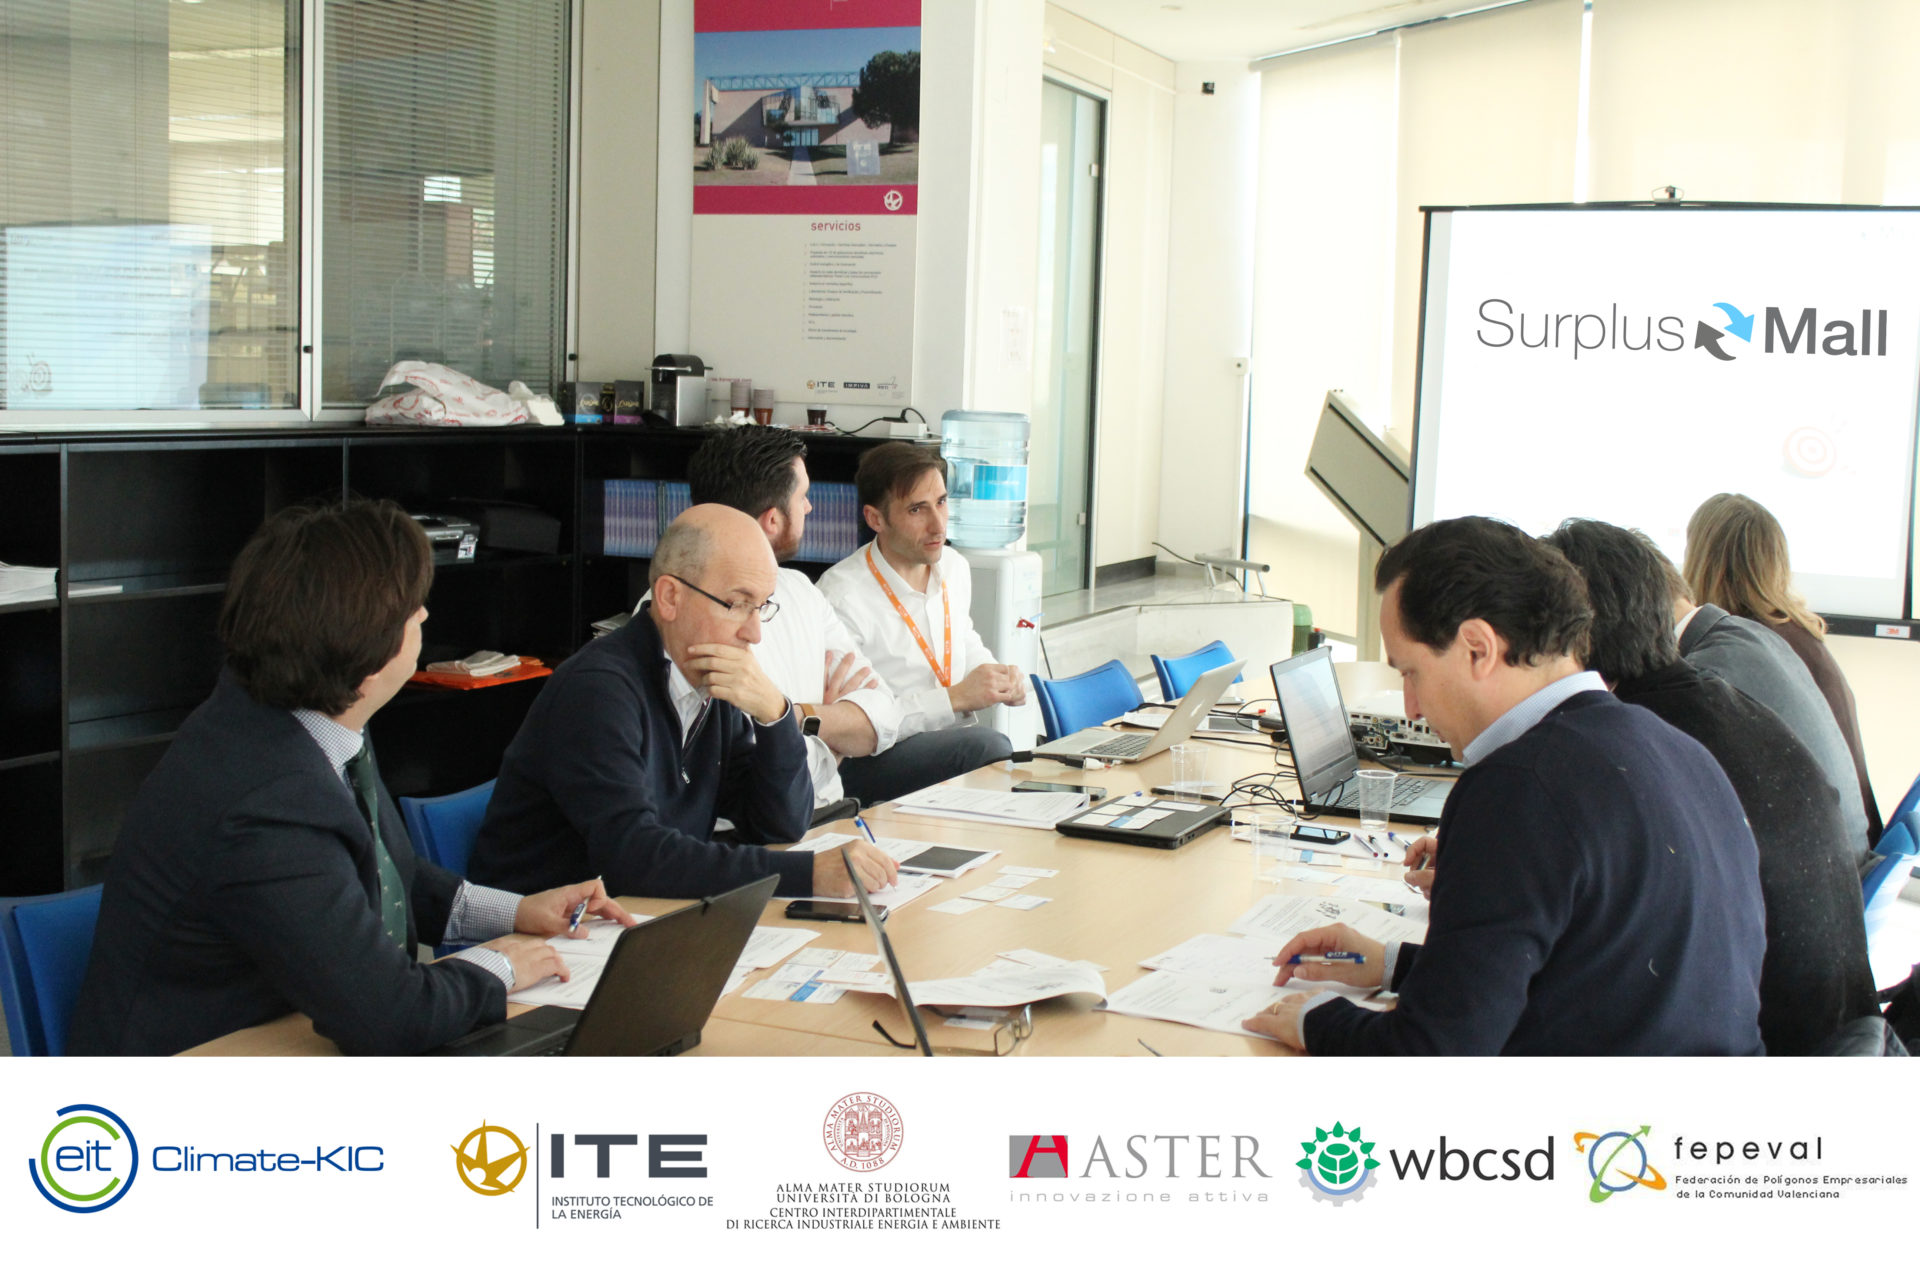 FEPEVAL y ASIVALCO participan en la reunión de arranque del proyecto sobre economía circular SURPLUS MALL.